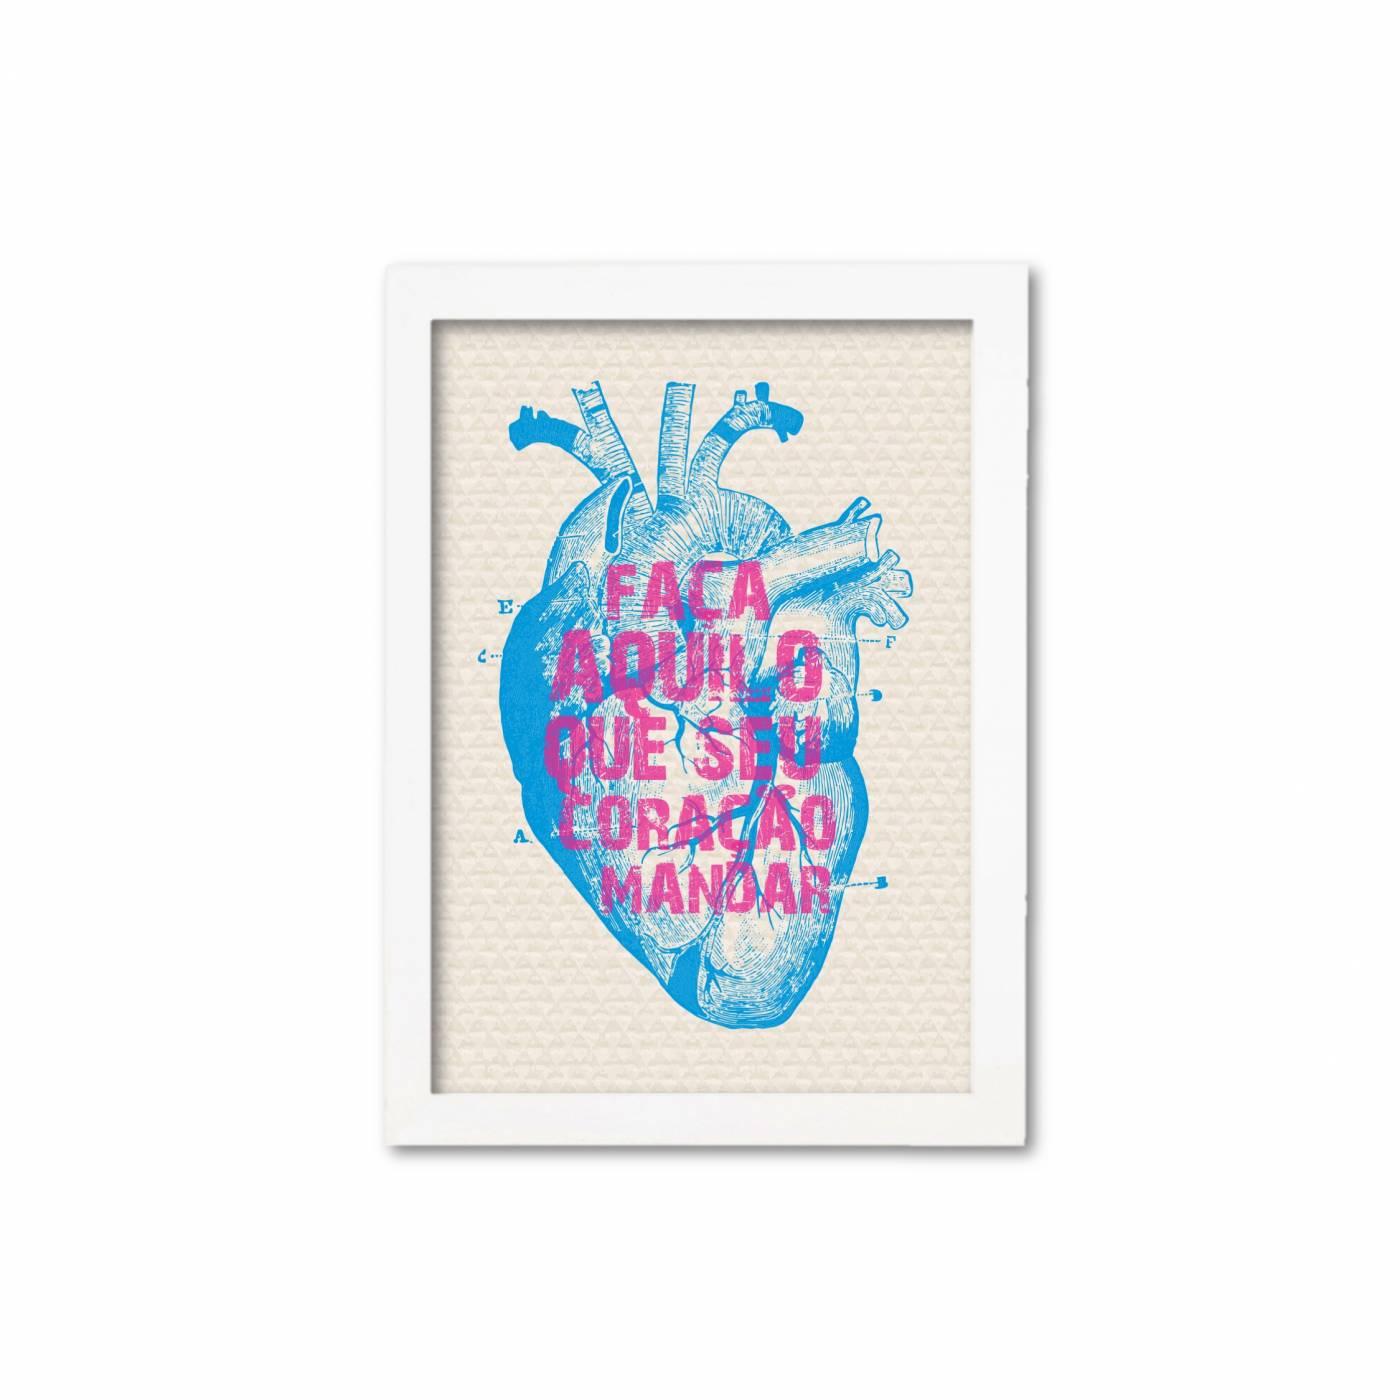 Faça aquilo que seu coração mandar